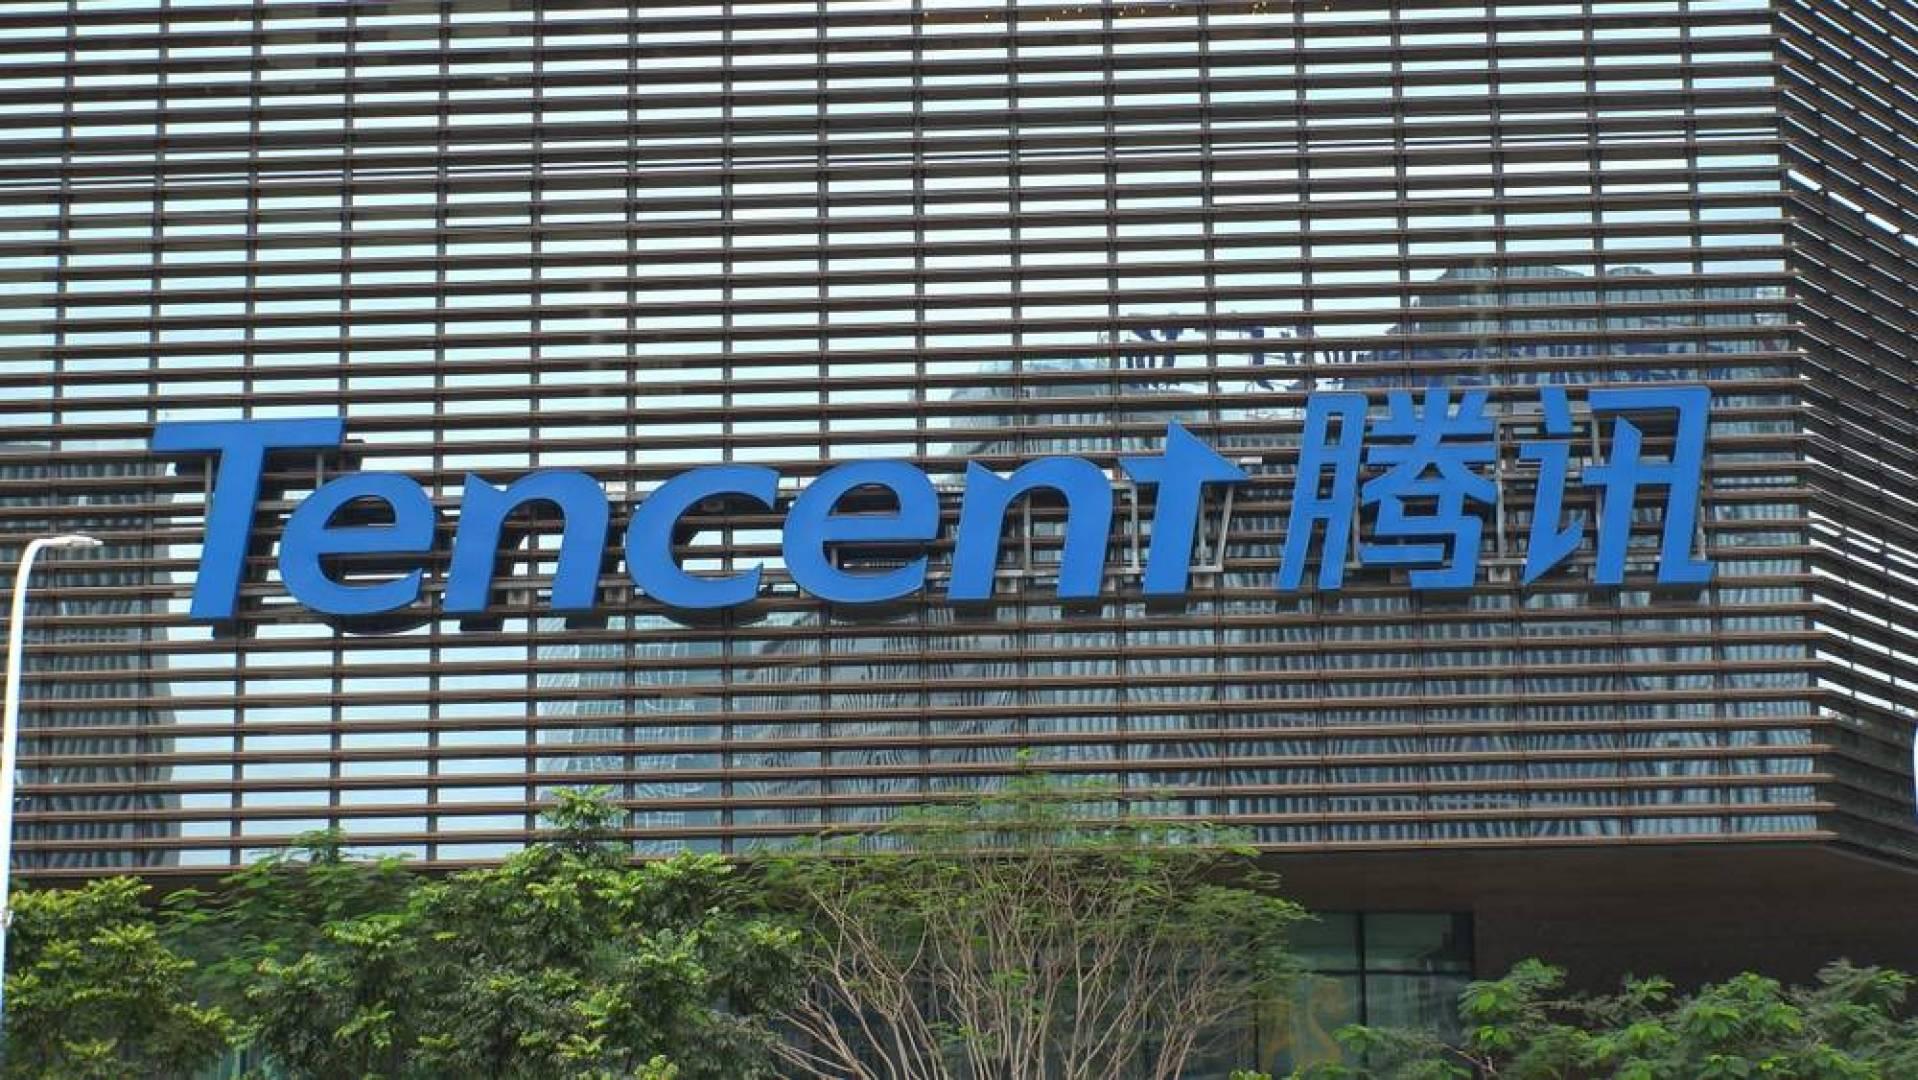 تينسنت تجمع 6 مليارات دولار في أكبر صفقة دين لشركة آسيوية هذا العام